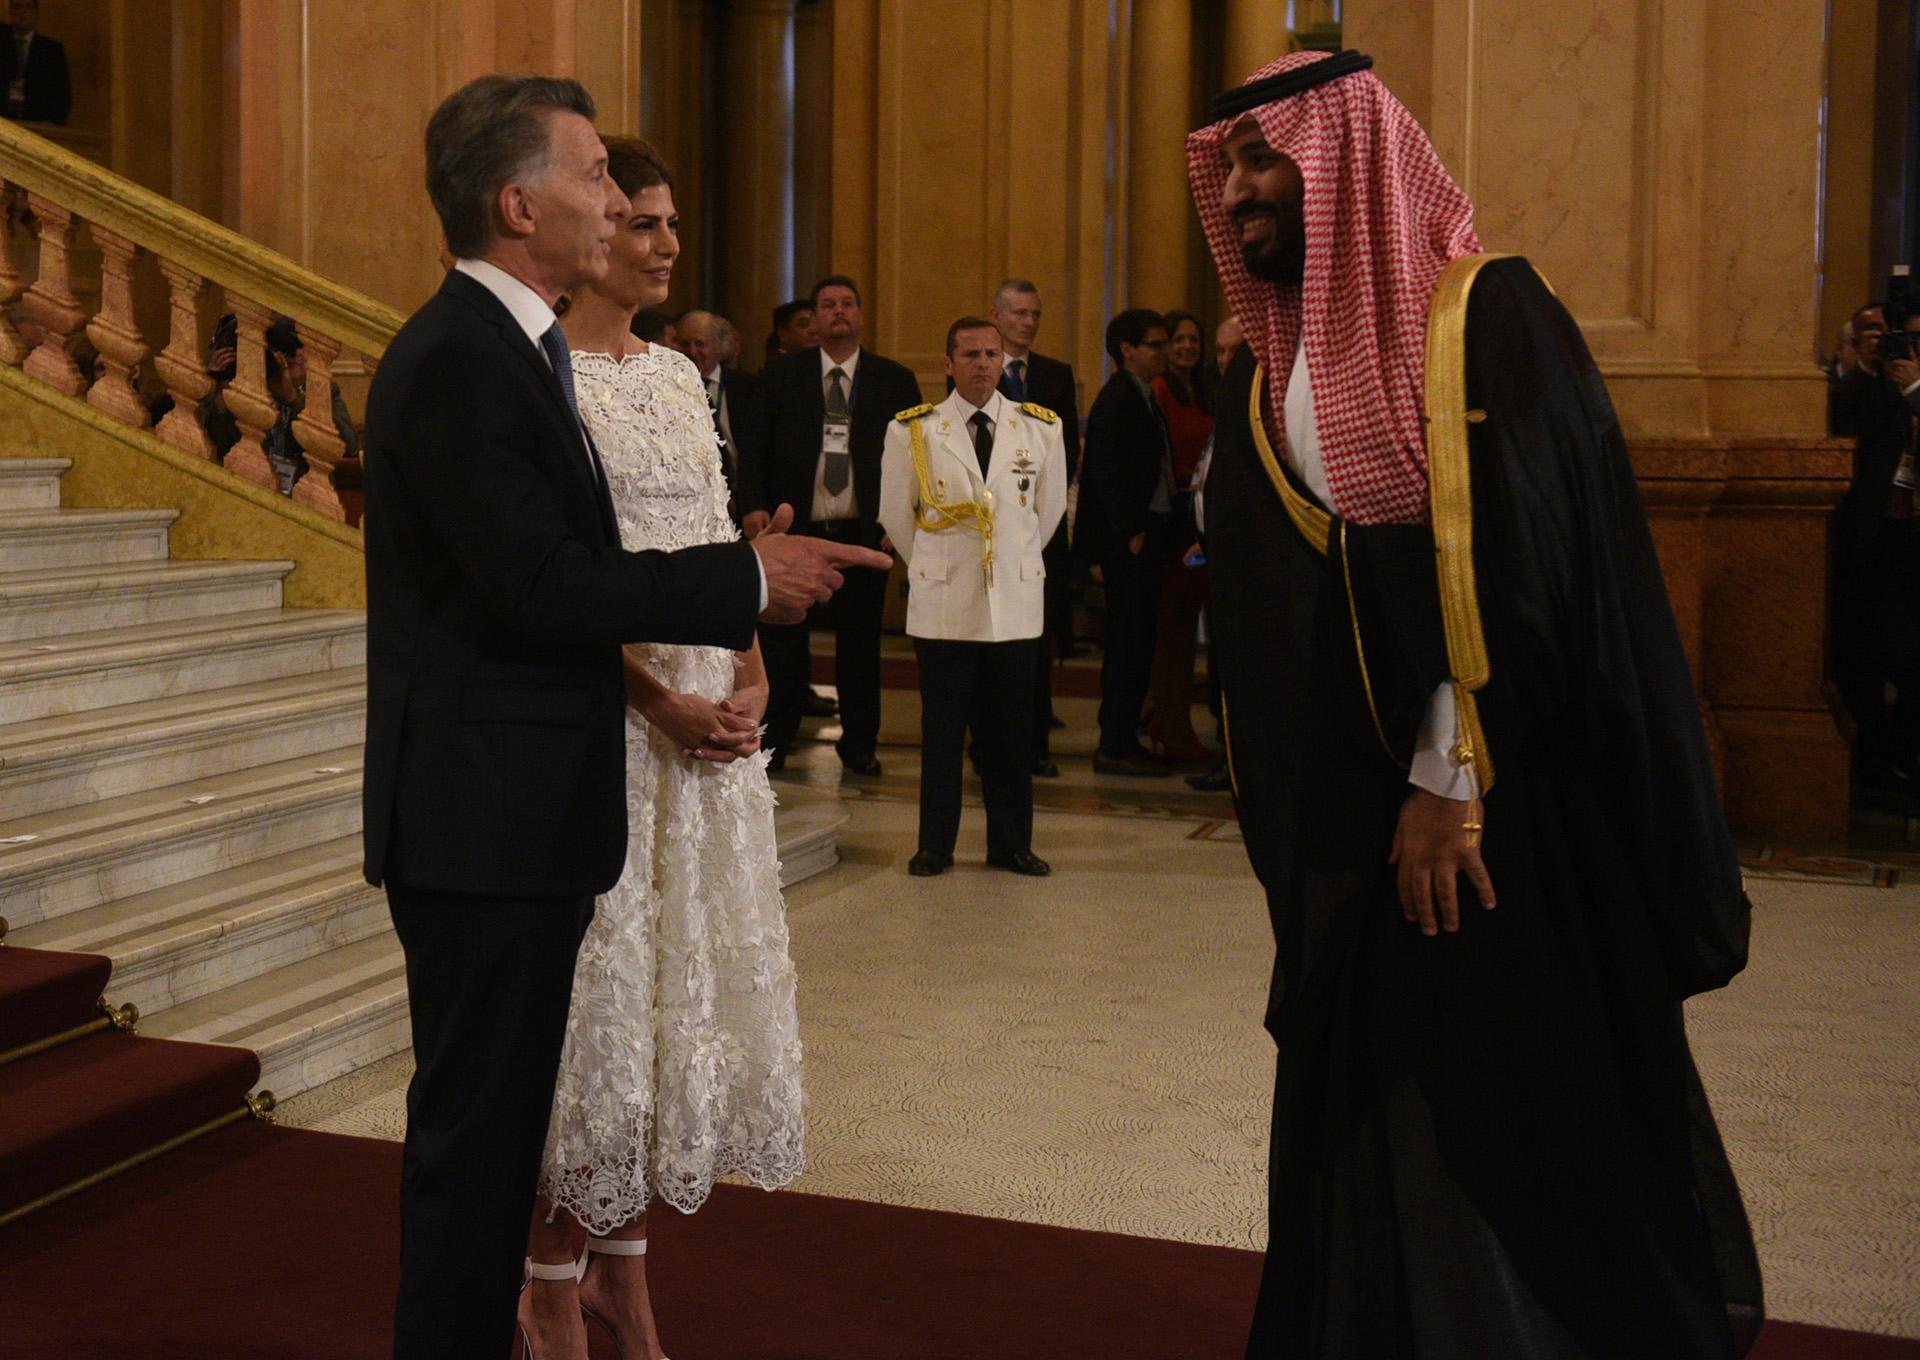 El saludo de Macri a Mohammed bin Salman